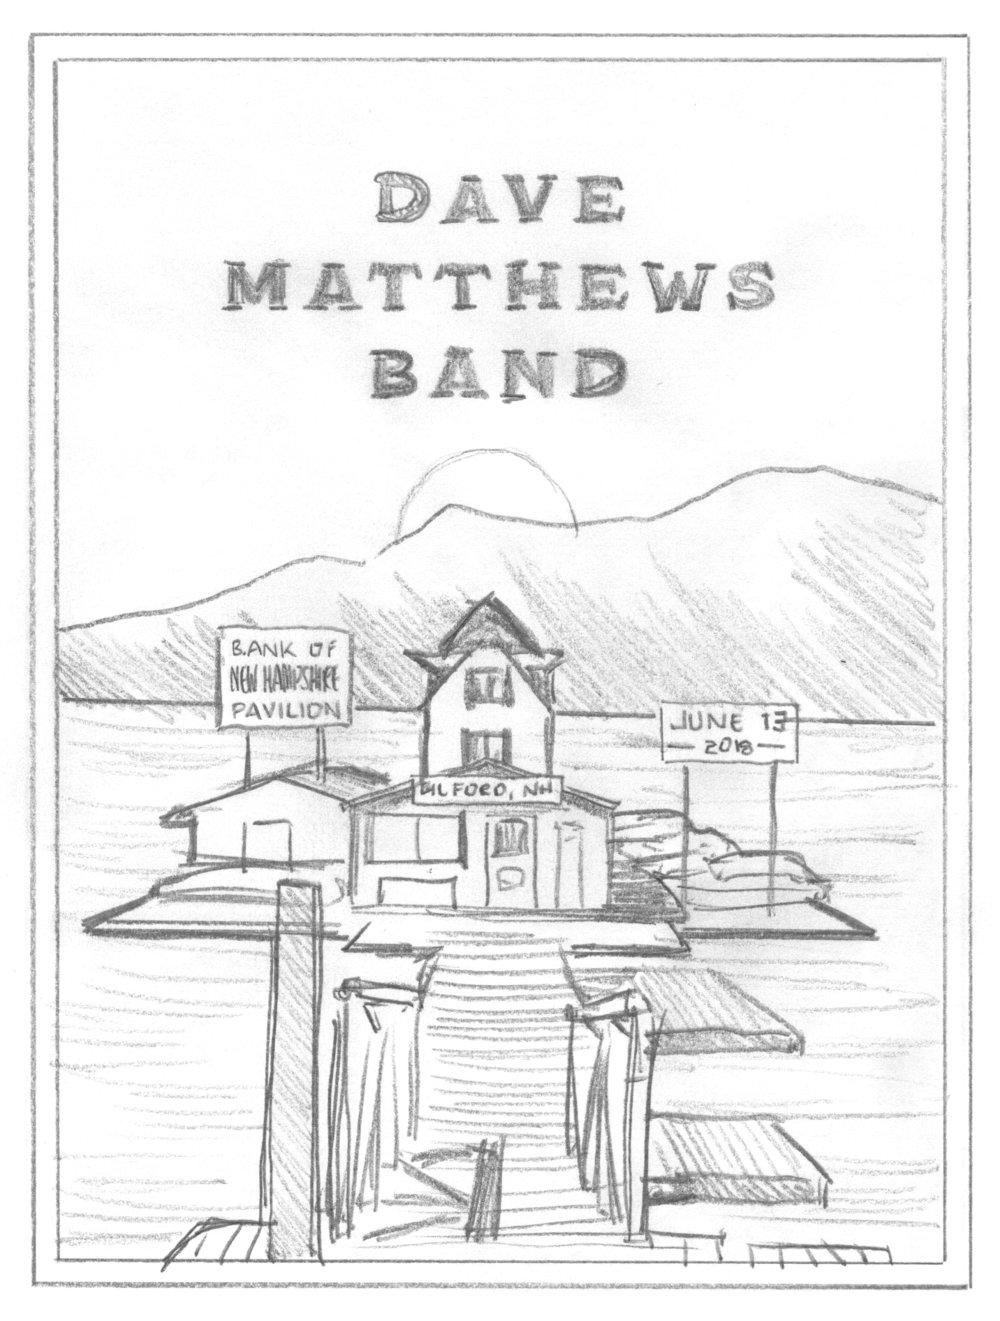 Dave+Matthews+Band+Gilford,+NH+Poster+by+DKNG-1.jpeg